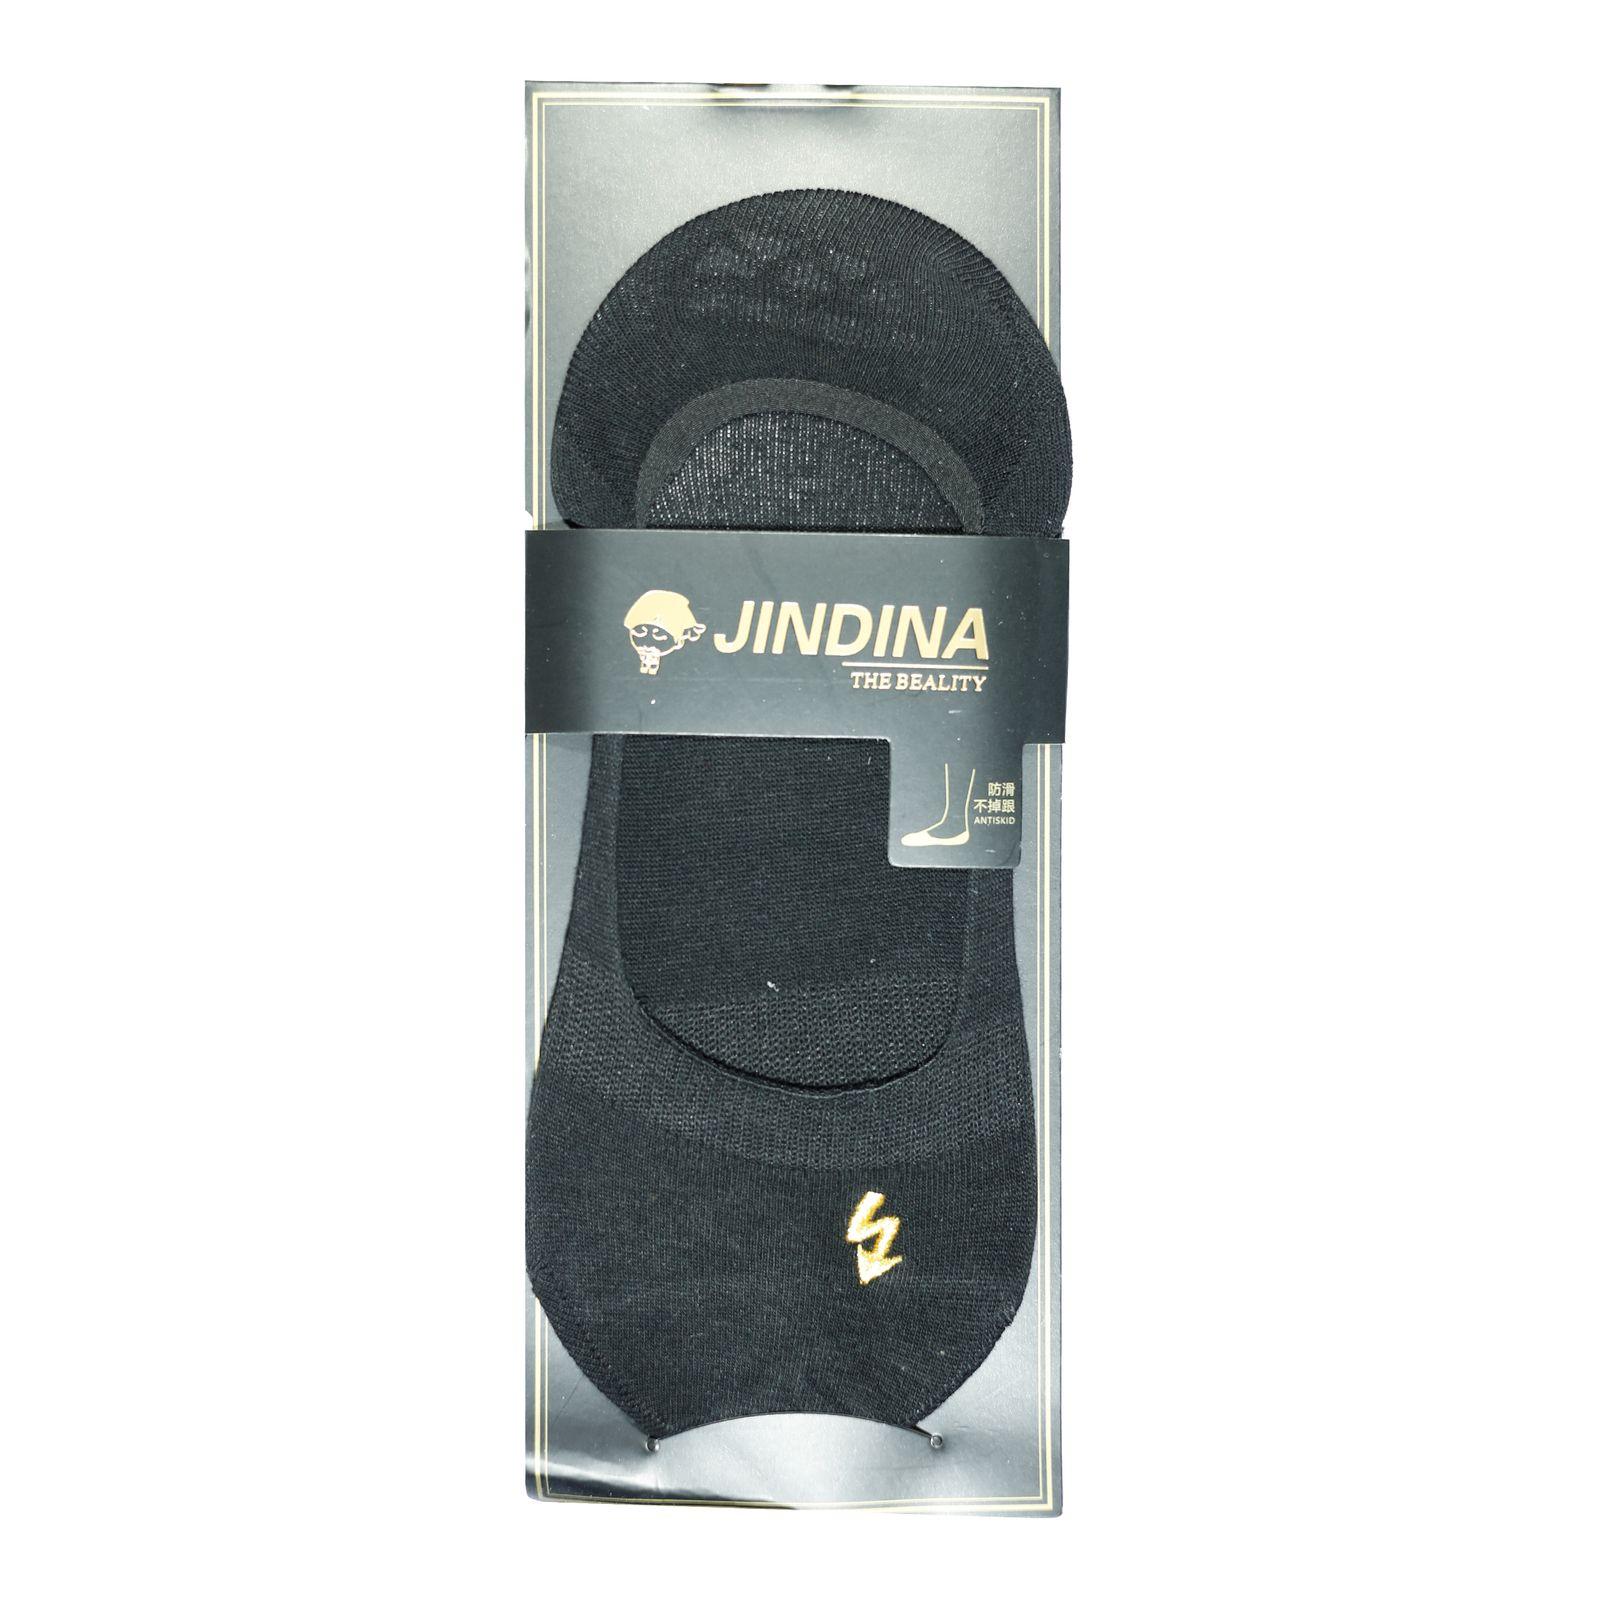 جوراب مردانه جین دینا کد BL-CK 200 مجموعه 3 عددی -  - 5